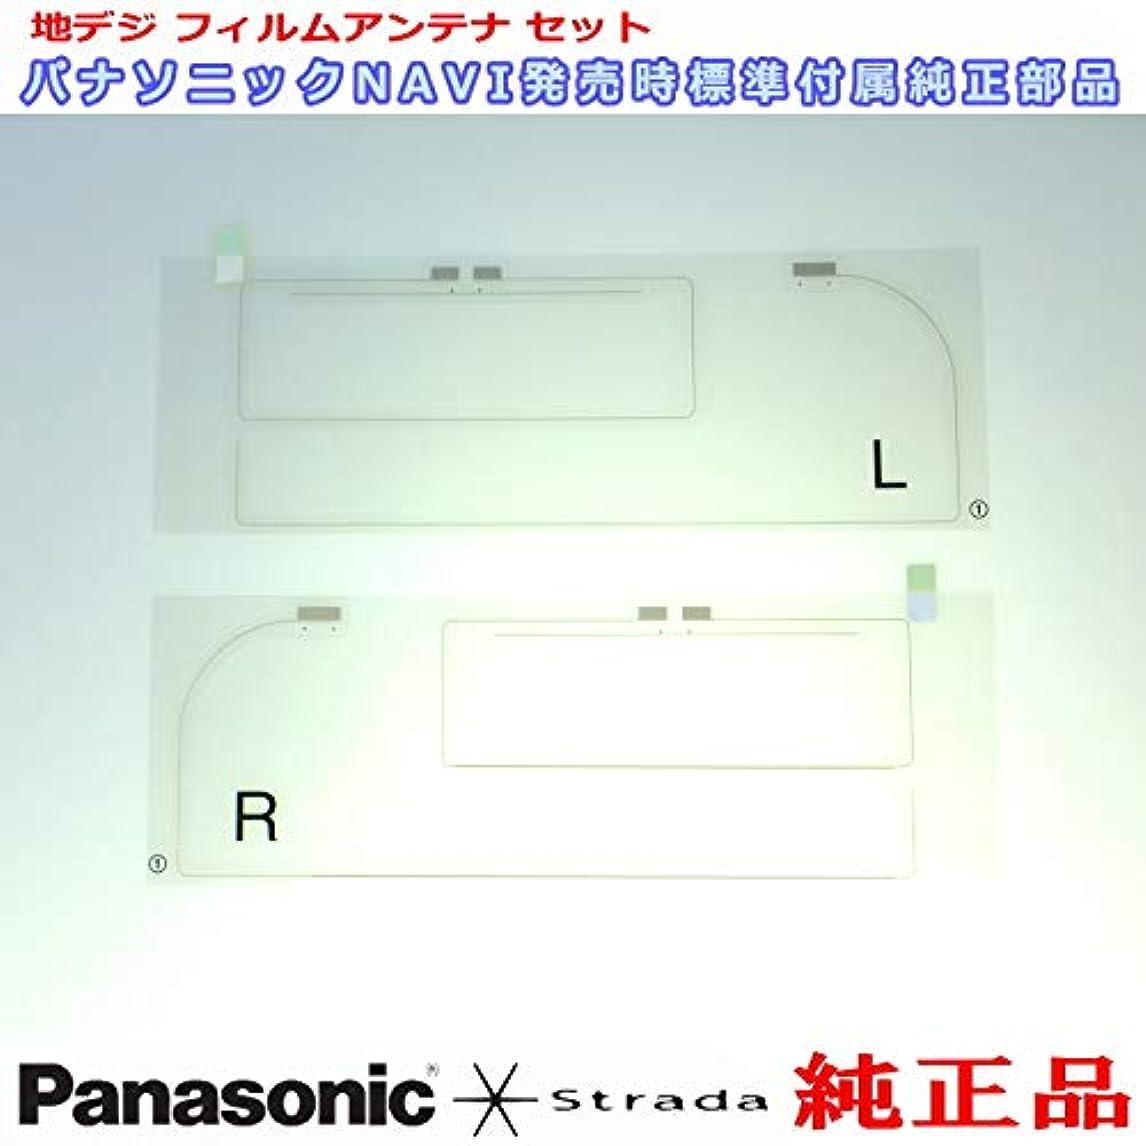 バクテリアマイルストーンアマゾンジャングル地デジアンテナ Panasonic Strada CN-HDS940TD 安心の 純正品 地デジ フィルム アンテナ & 3M 超強力 両面テープ Set (PD4T